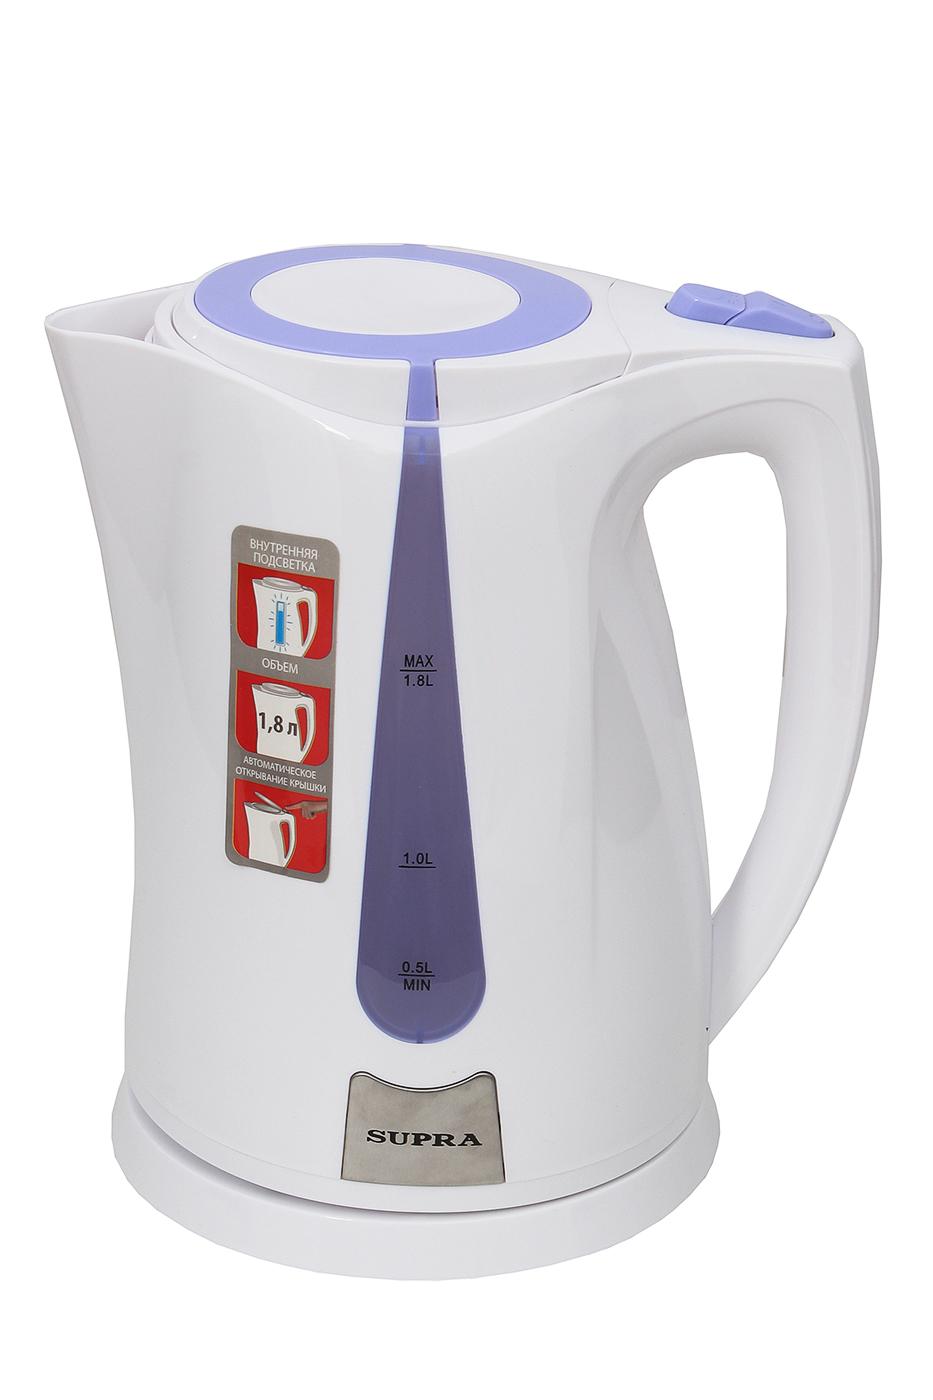 Купить чайник со свистком для газовой плиты в екатеринбурге #3